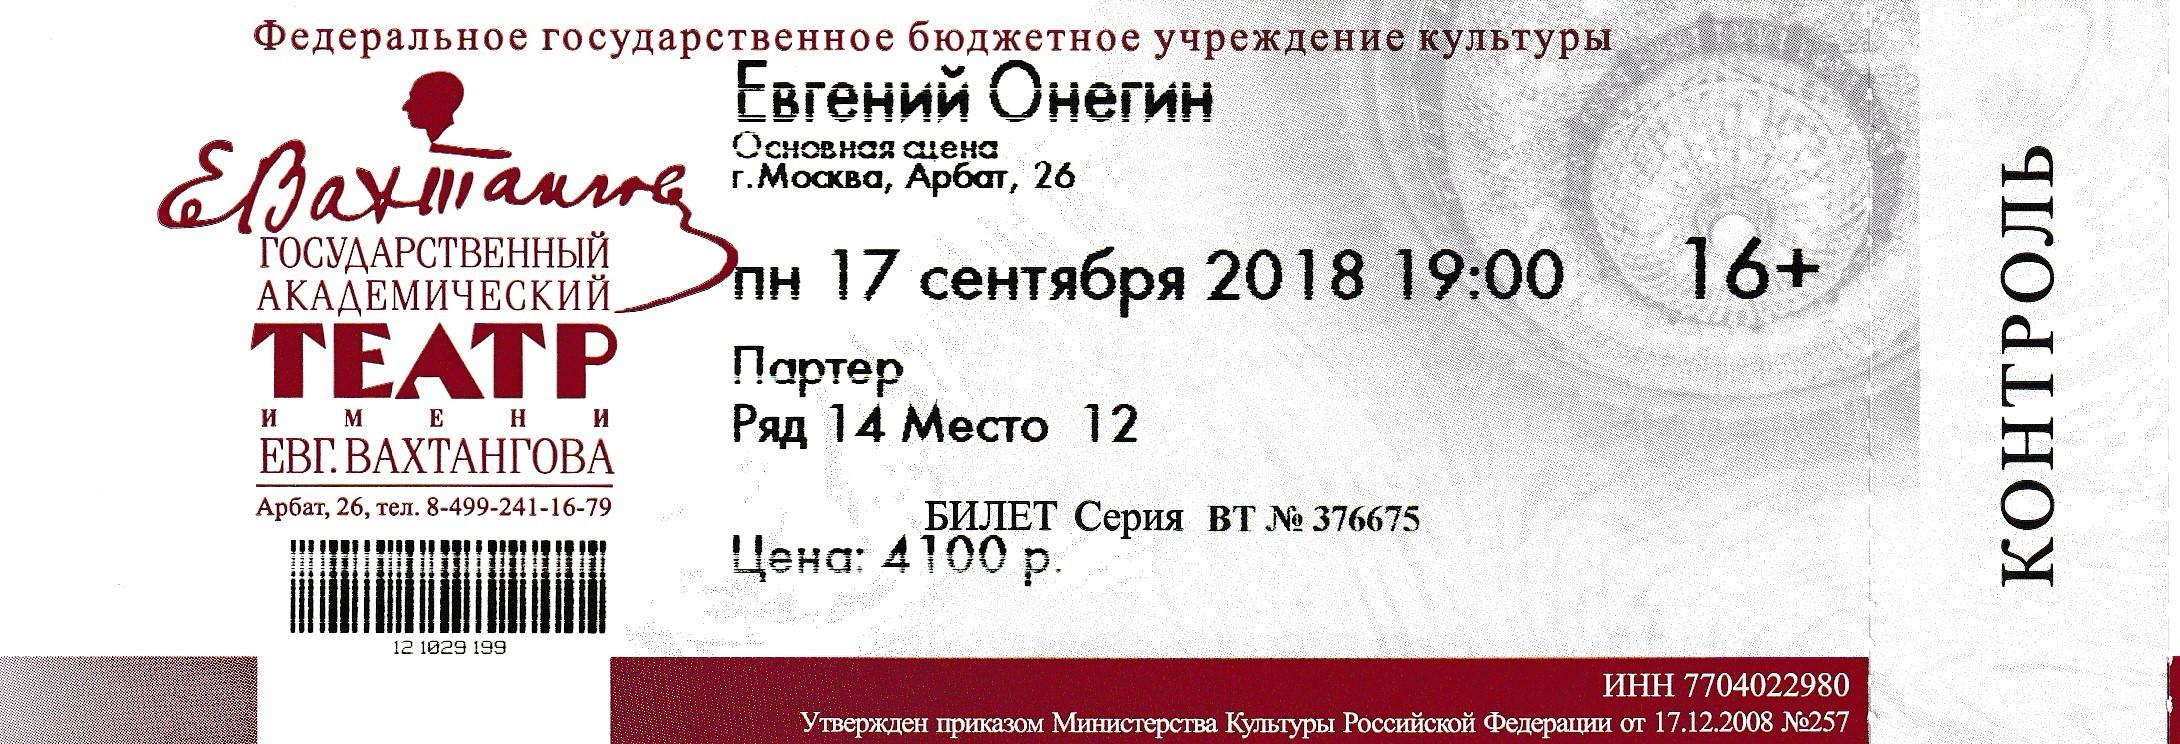 20181013194055b35.jpg